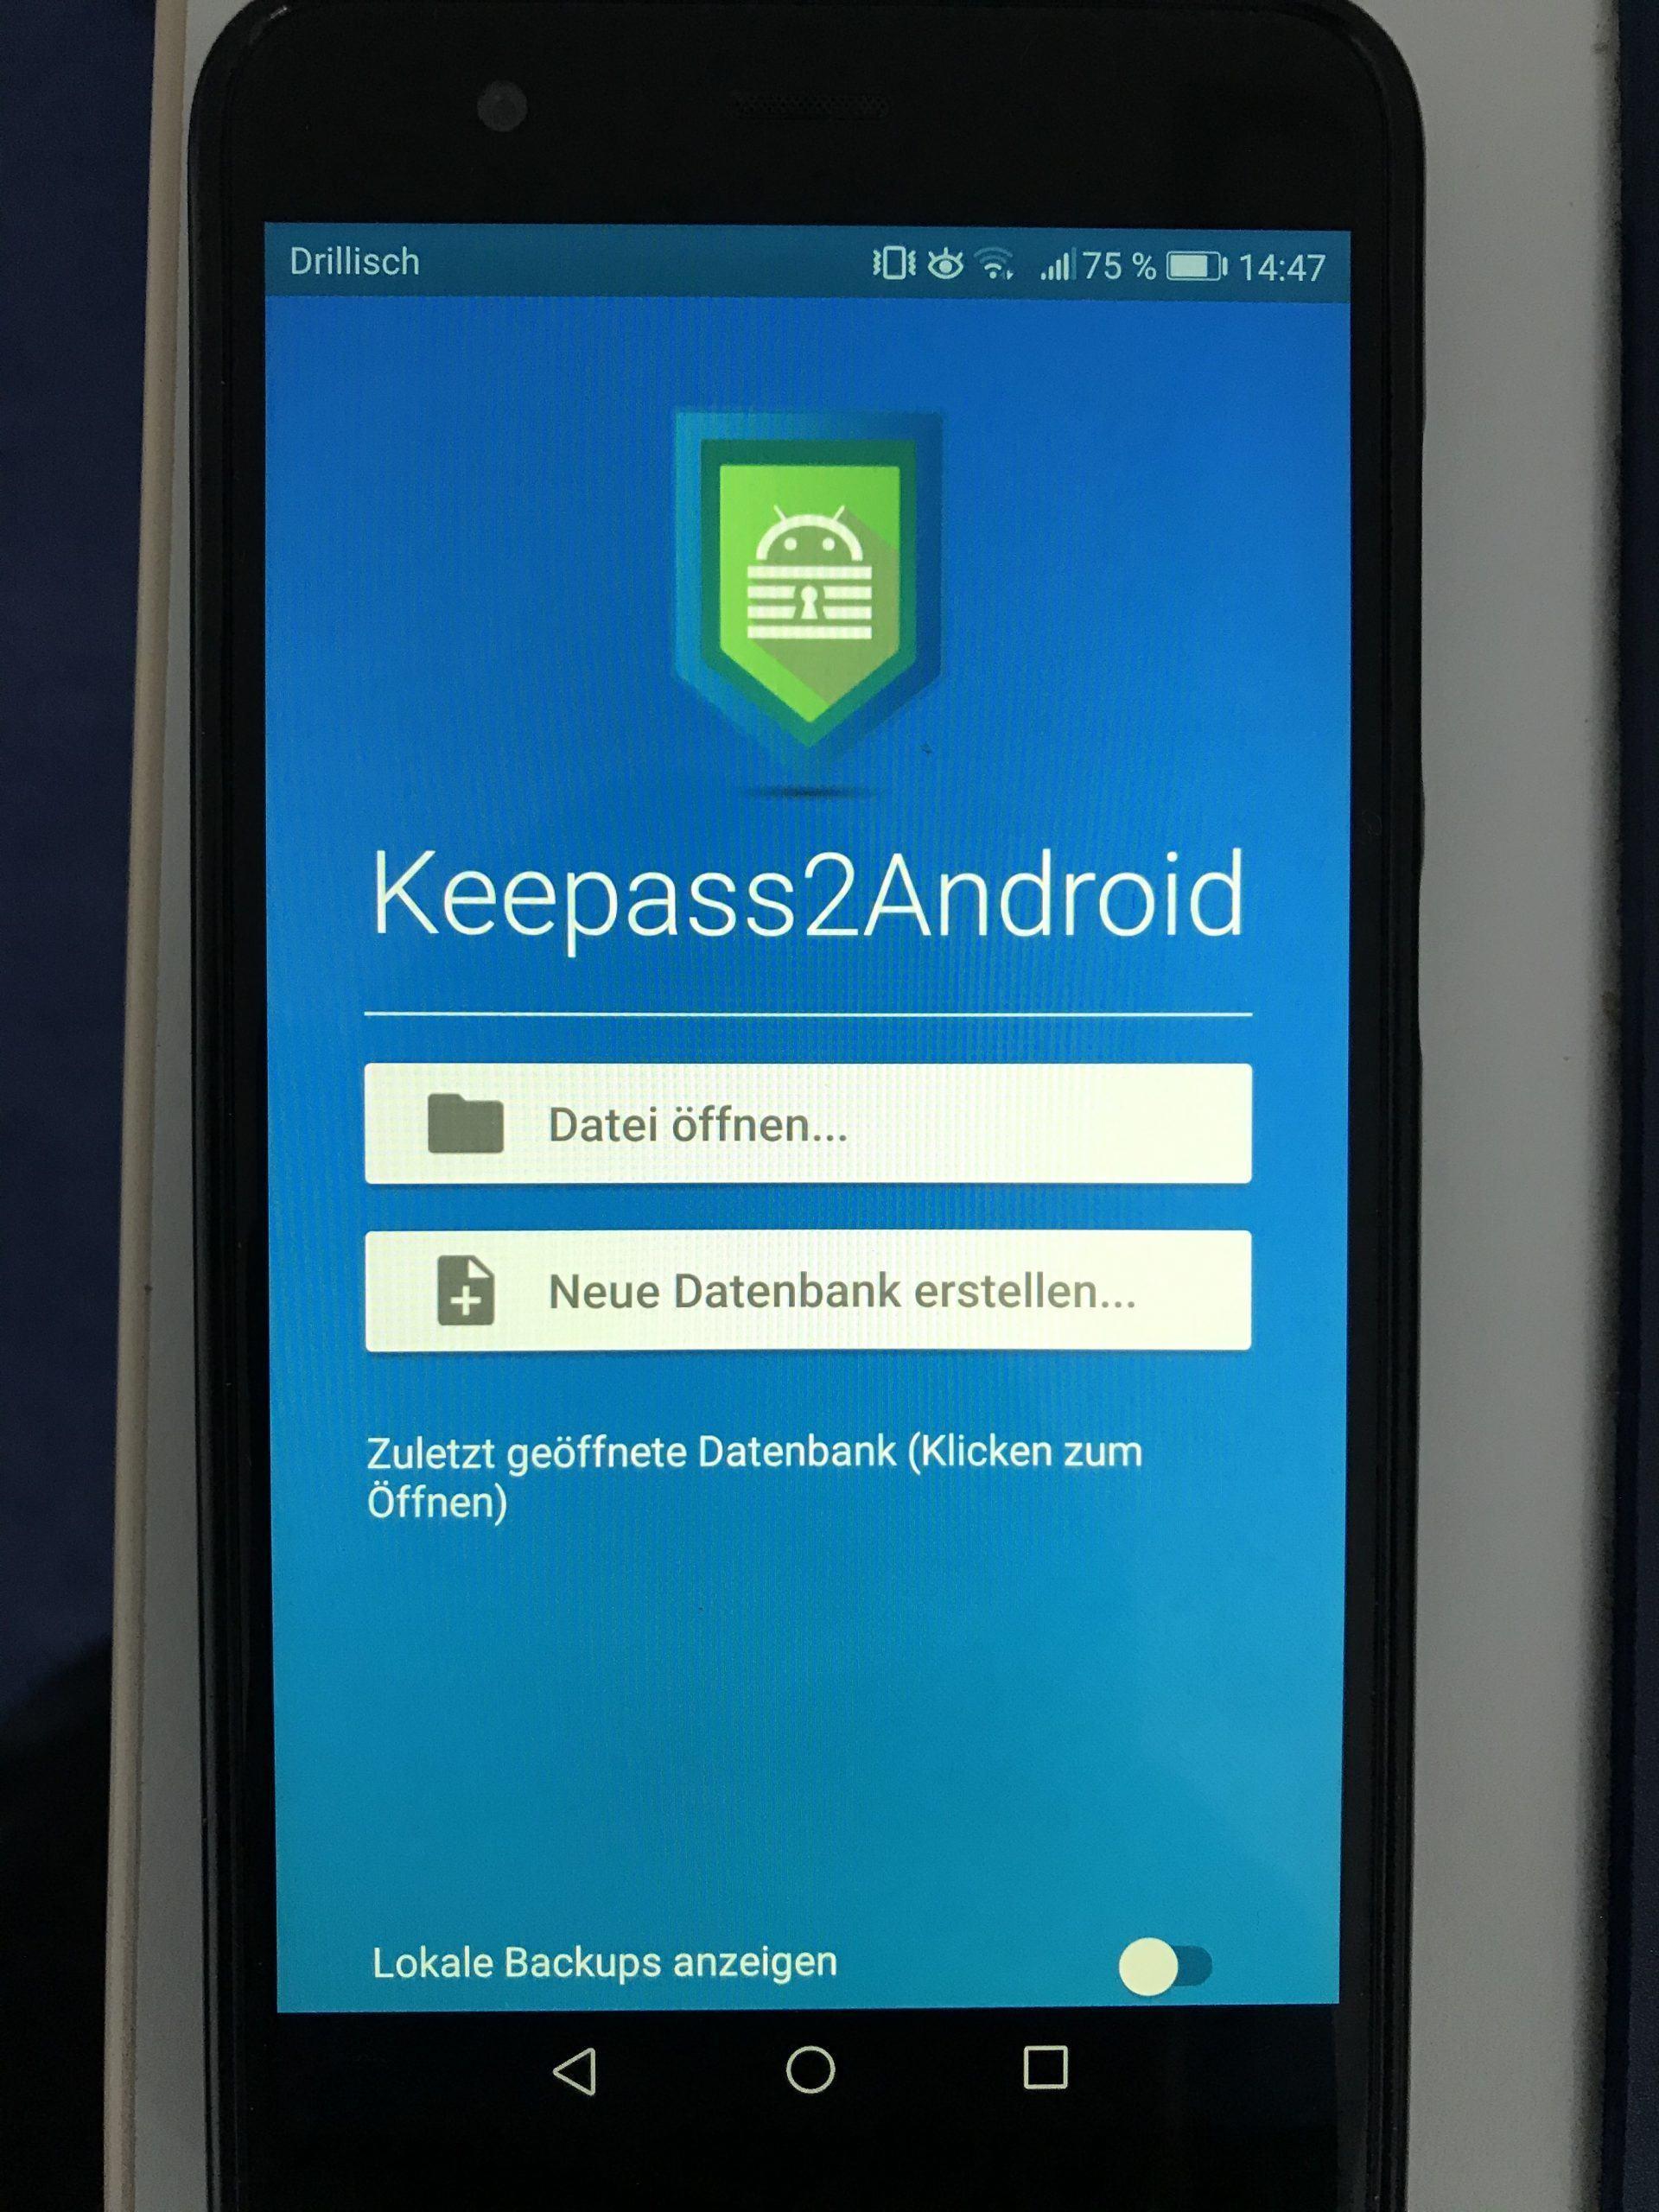 3. Neue KeePass2 Datenbank anlegen - Android